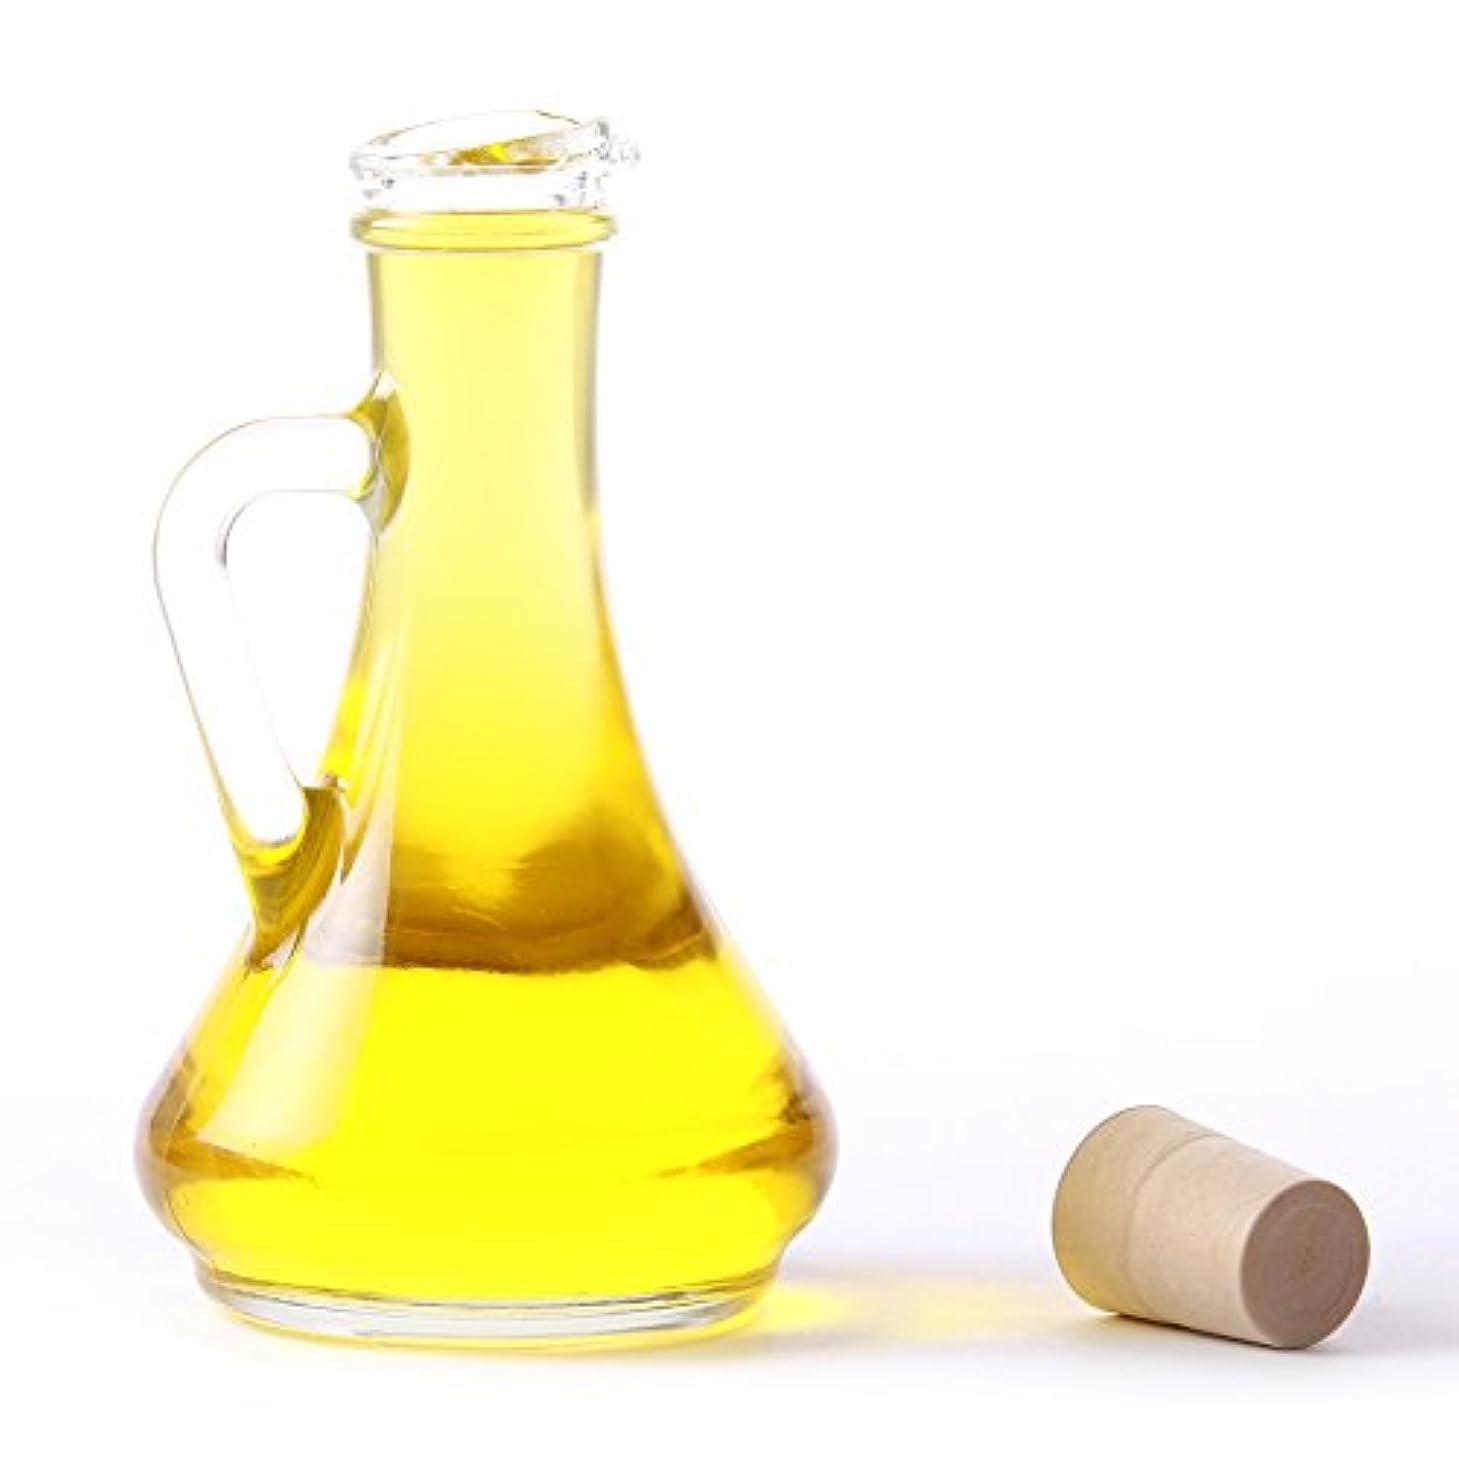 ラフ発火するヘアMystic Moments | Evening Primrose Virgin Organic Carrier Oil - 5 Litre - 100% Pure